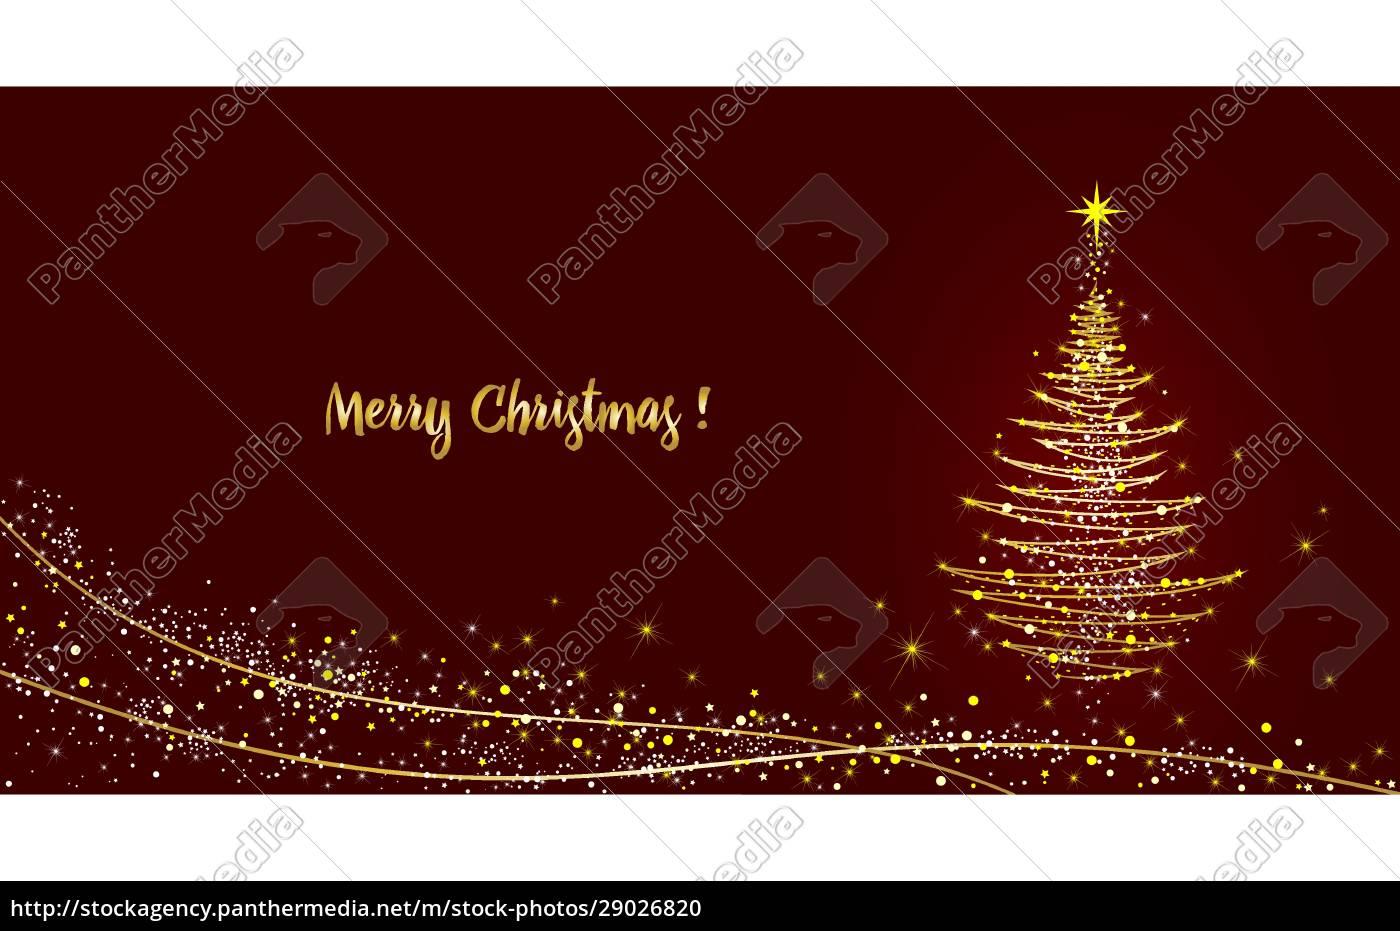 grußkarte, weihnachtsbaum, glänzend, mit, gold - 29026820